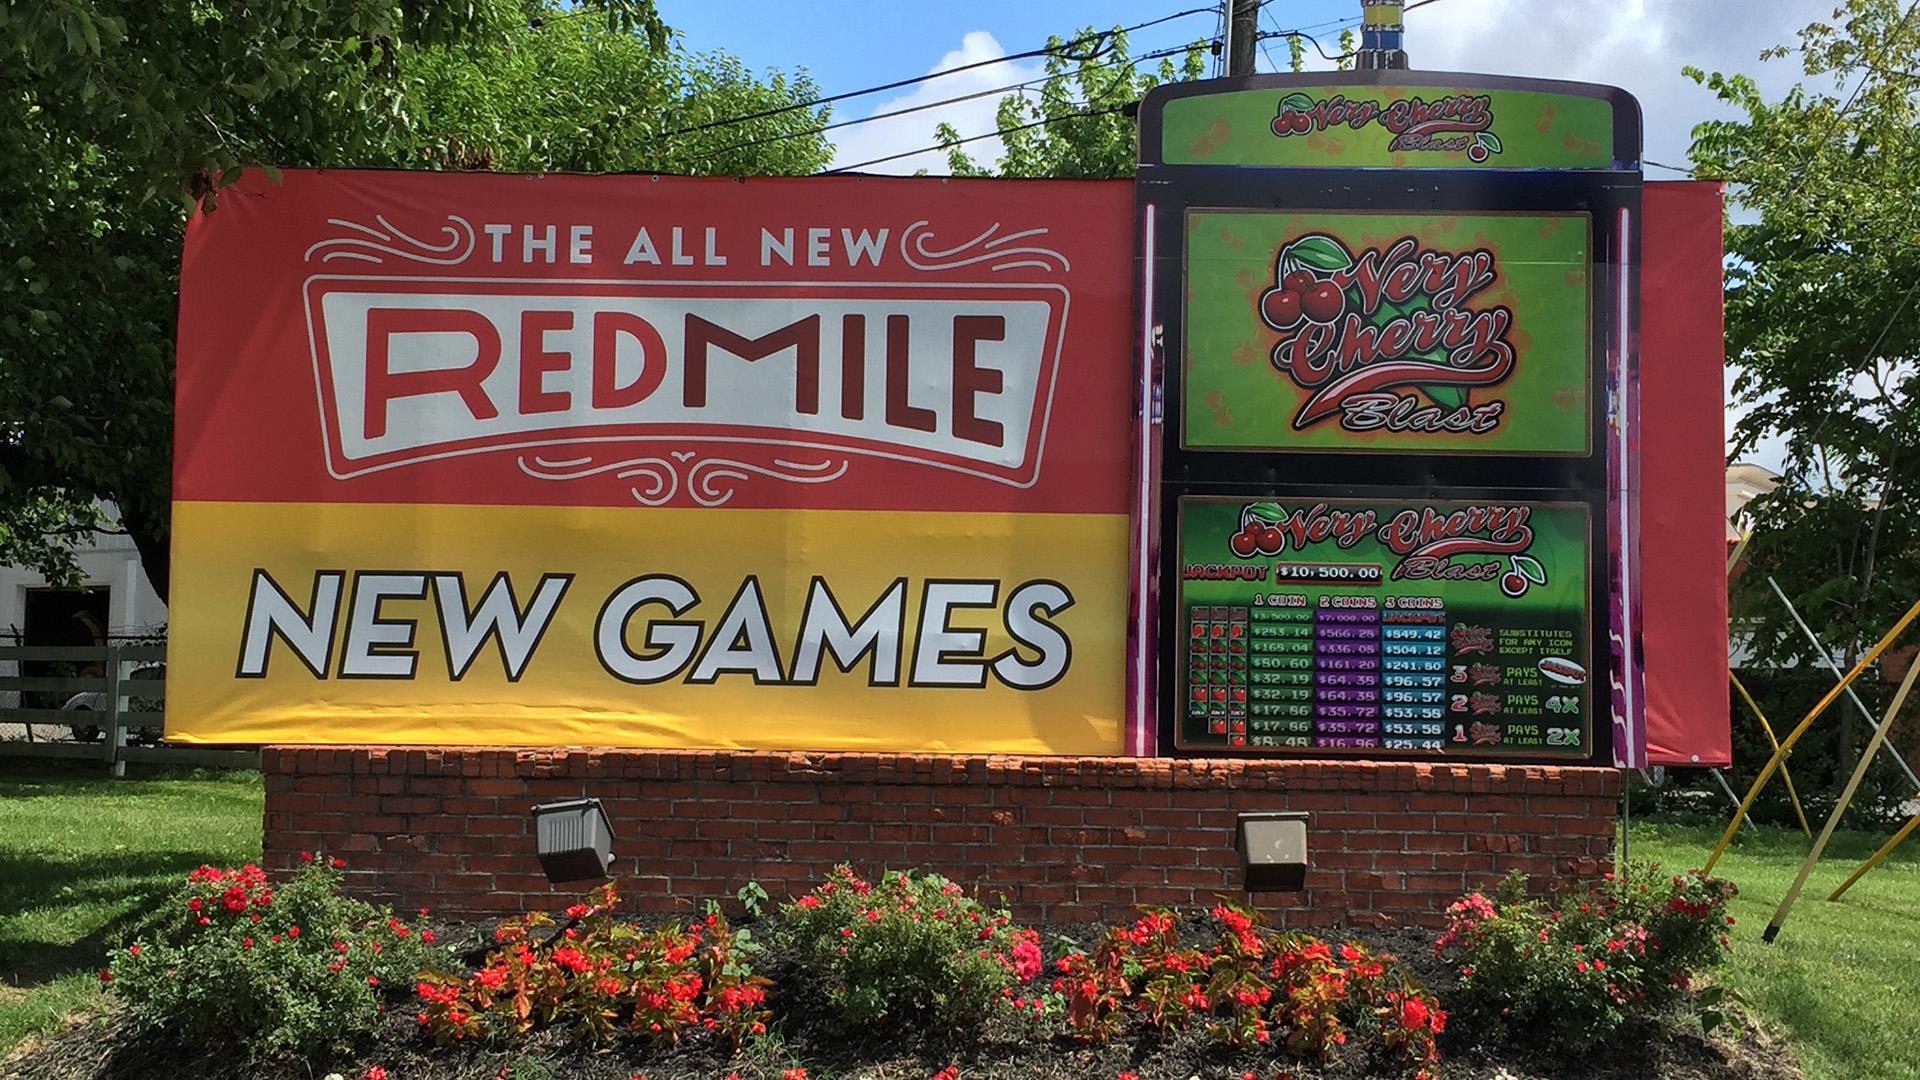 RedMile Game signage